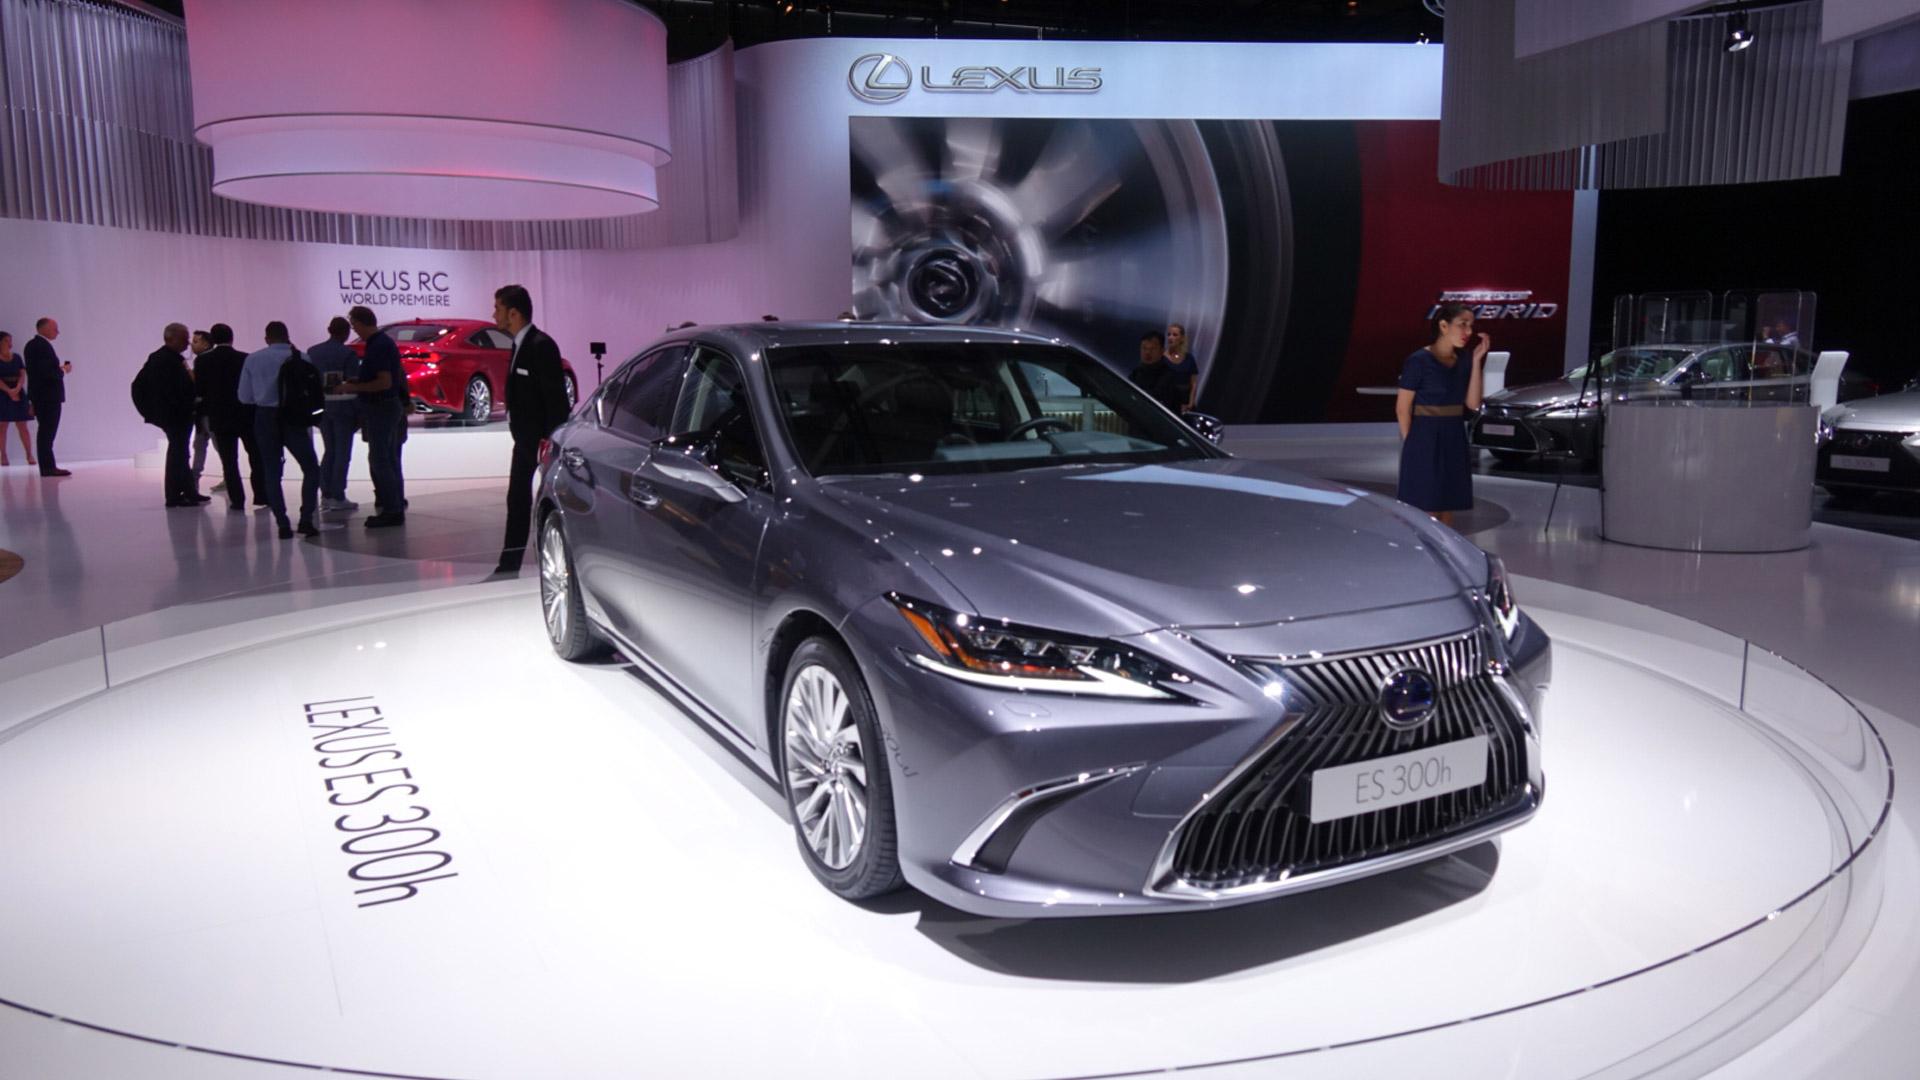 Lexus Paris Otomobil Fuari